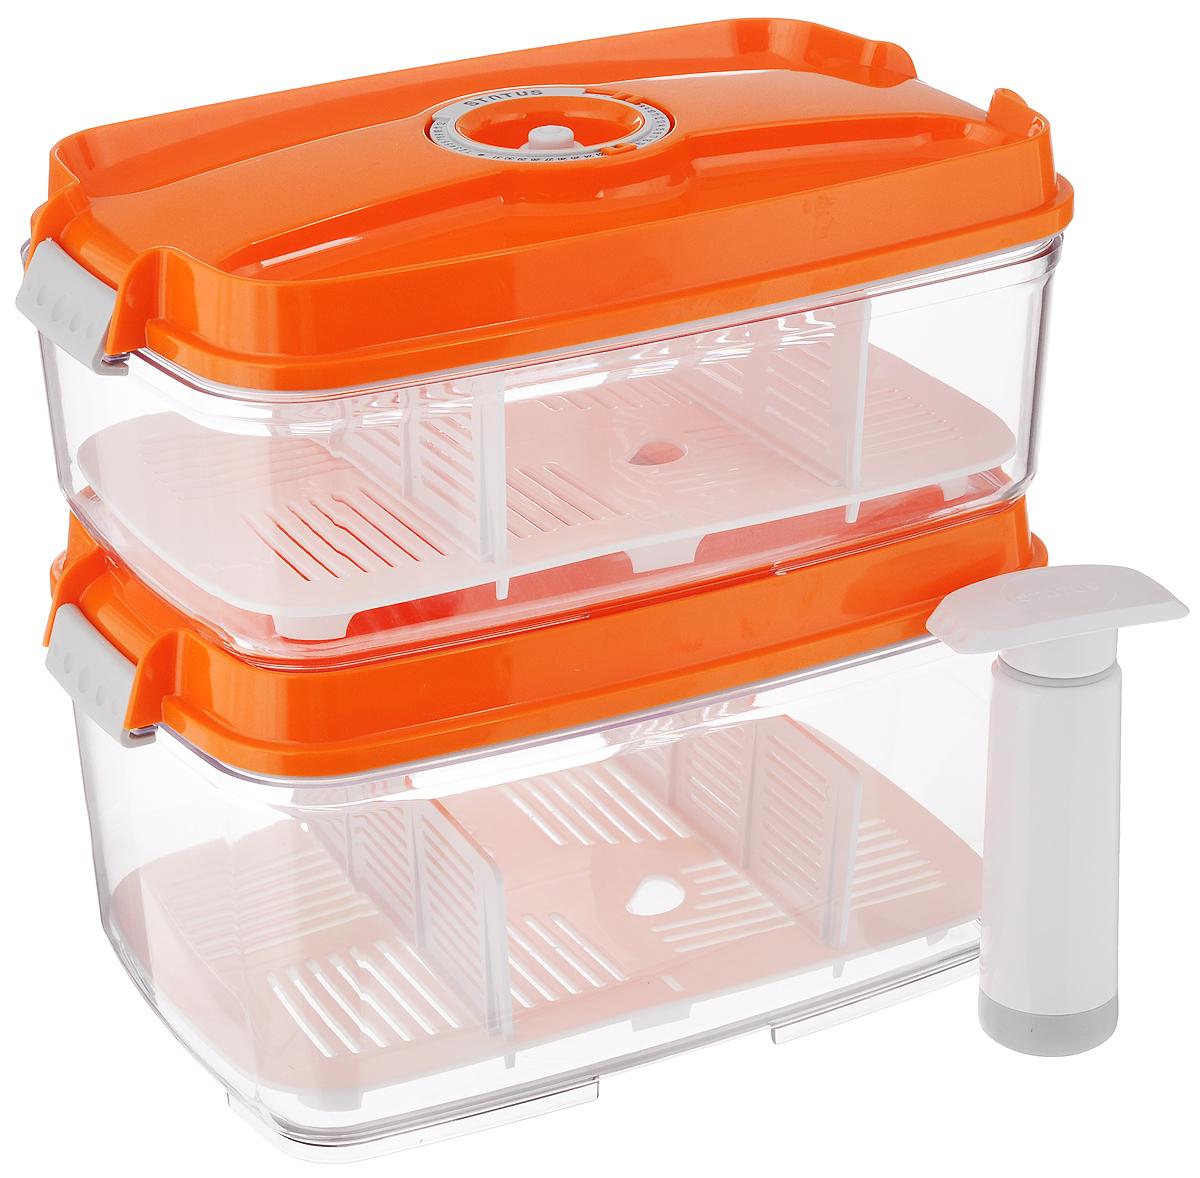 Набор вакуумных контейнеров Status, с индикатором даты срока хранения, цвет: прозрачный, оранжевый, 2 шт + ПОДАРОК: Вакуумный ручной насосVAC-REC-Bigger OrangeНабор вакуумных контейнеров Status выполнен из хрустально-прозрачного прочного тритана. Благодаря вакууму, продукты не подвергаются внешнему воздействию, и срок хранения значительно увеличивается, сохраняют свои вкусовые качества и аромат, а запахи в холодильнике не перемешиваются. Допускается замораживание до -21°C, мойка контейнеров в посудомоечной машине, разогрев в СВЧ (без крышки). Рекомендовано хранение следующих продуктов: макаронные изделия, крупа, мука, кофе в зёрнах, сухофрукты, супы, соусы. Каждый контейнер имеет индикатор даты, который позволяет отмечать дату конца срока годности продуктов. К каждому контейнеру прилагаются 2 разделителя и поддон. В комплекте также имеется вакуумный ручной насос, с помощью которого одним простым движением можно быстро выкачать воздух из контейнера. Объем первого контейнера: 3 л. Объем второго контейнера: 4,5 л. Размер двух контейнеров (по верхнему краю): 27 х...